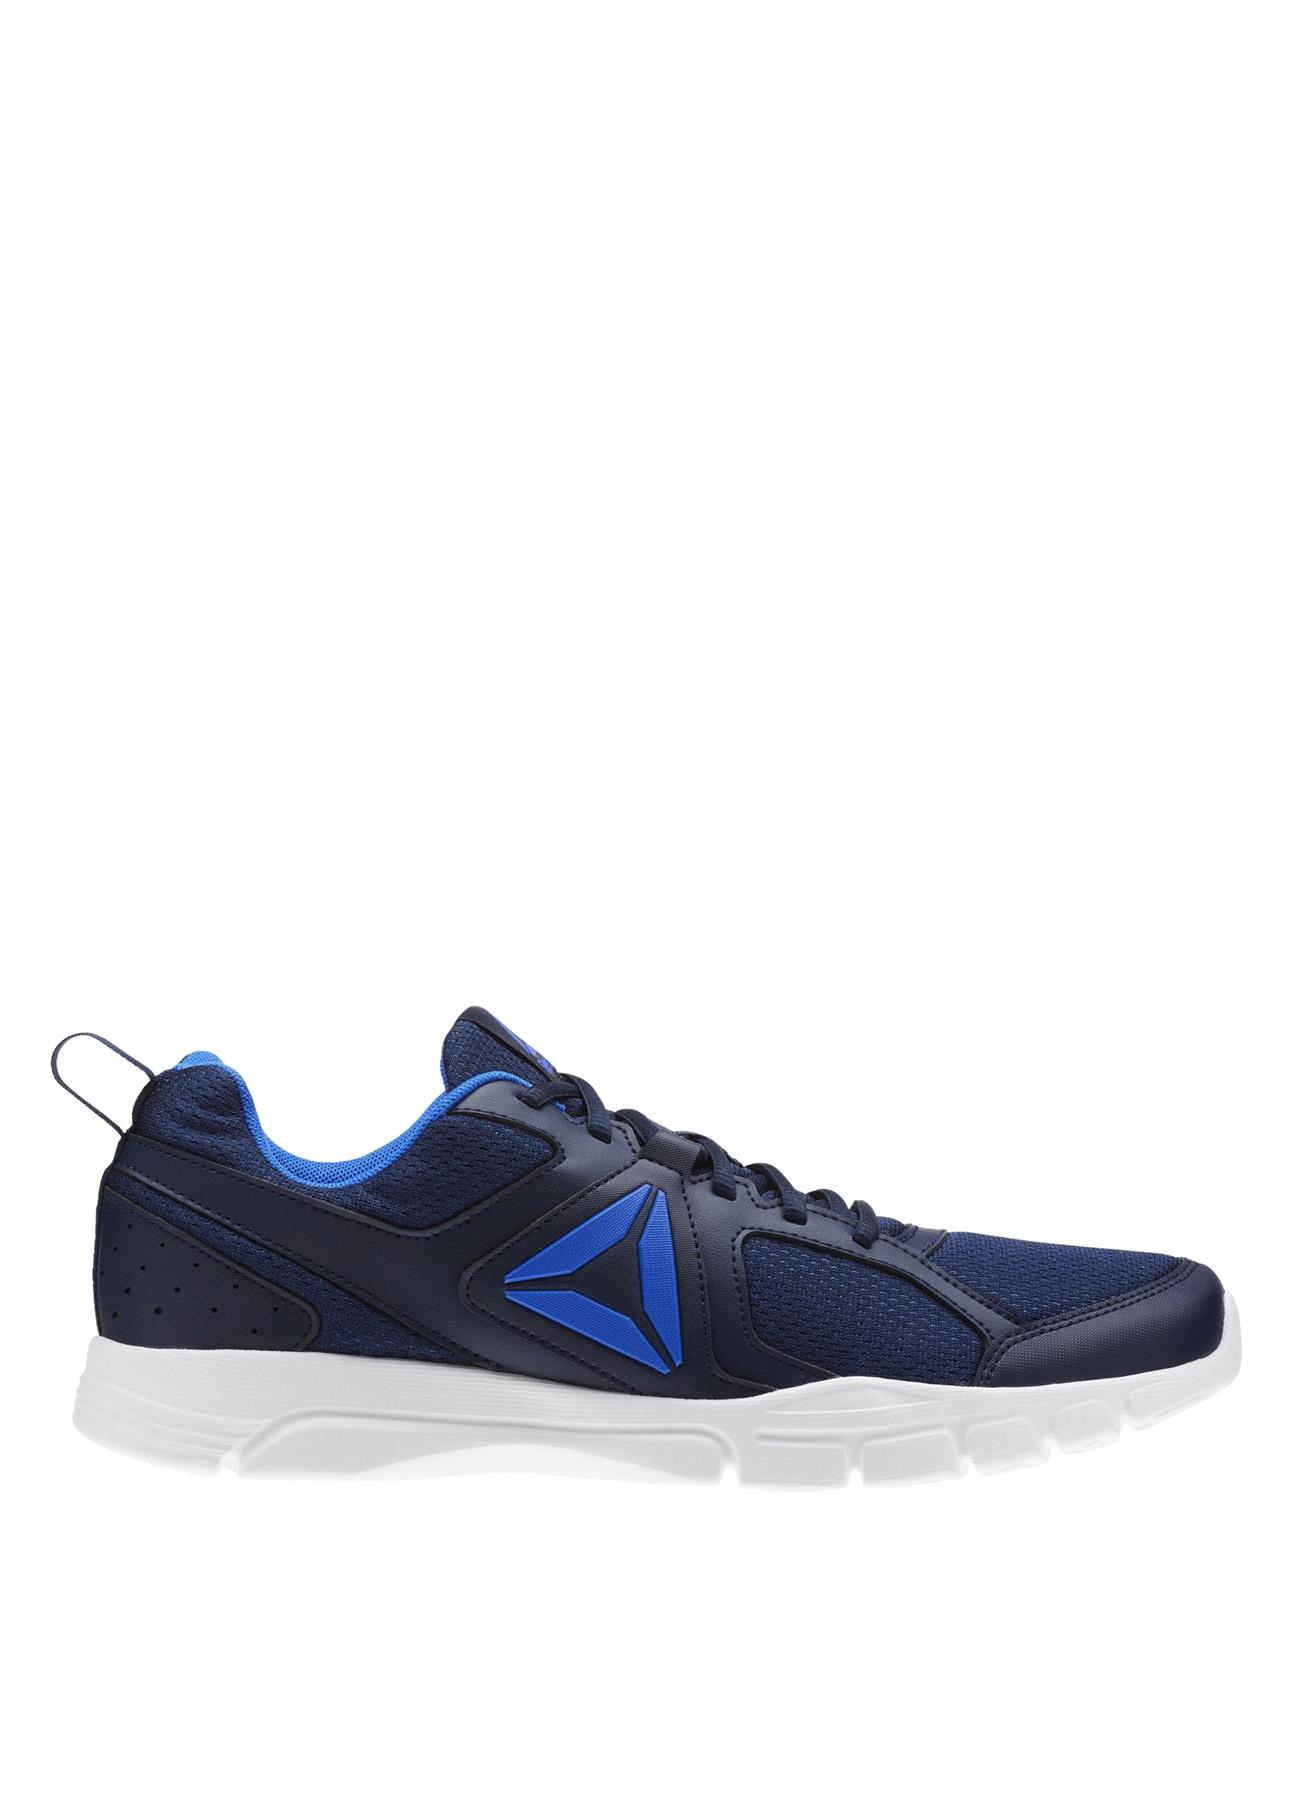 Reebok 3D Fushion TR Training Ayakkabısı 43 5001633301006 Ürün Resmi